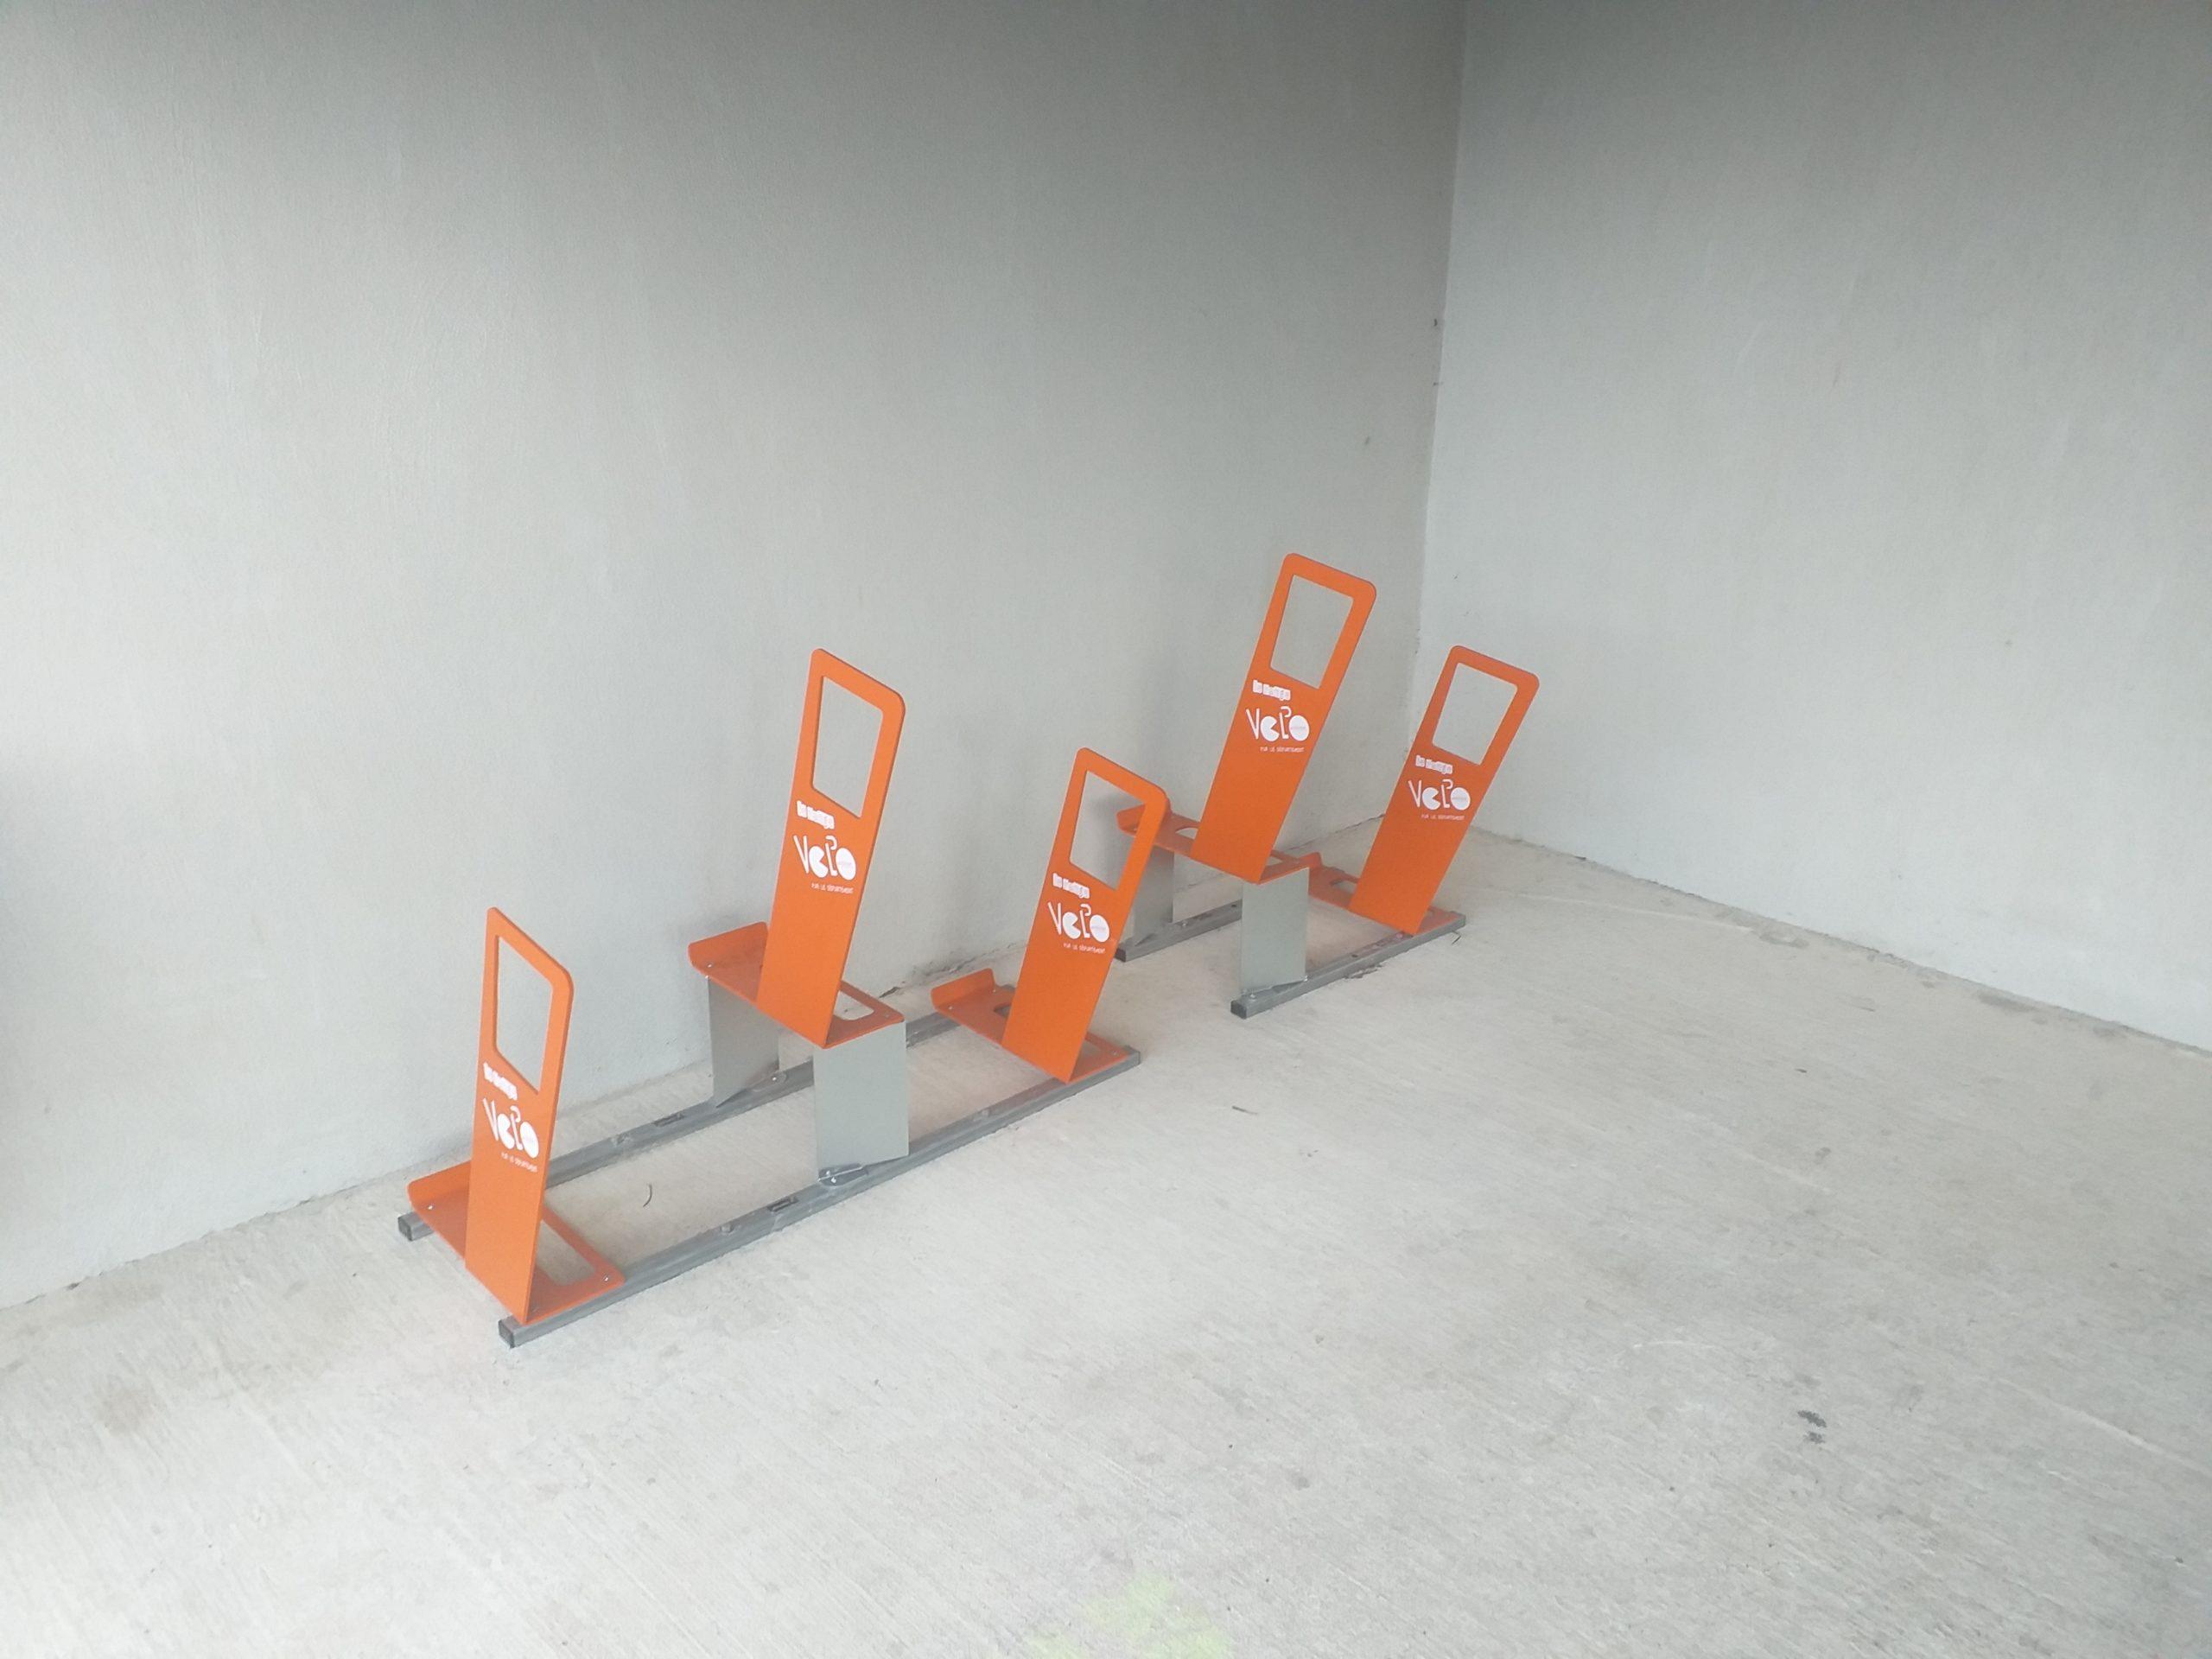 Rack à vélos - Gare routière